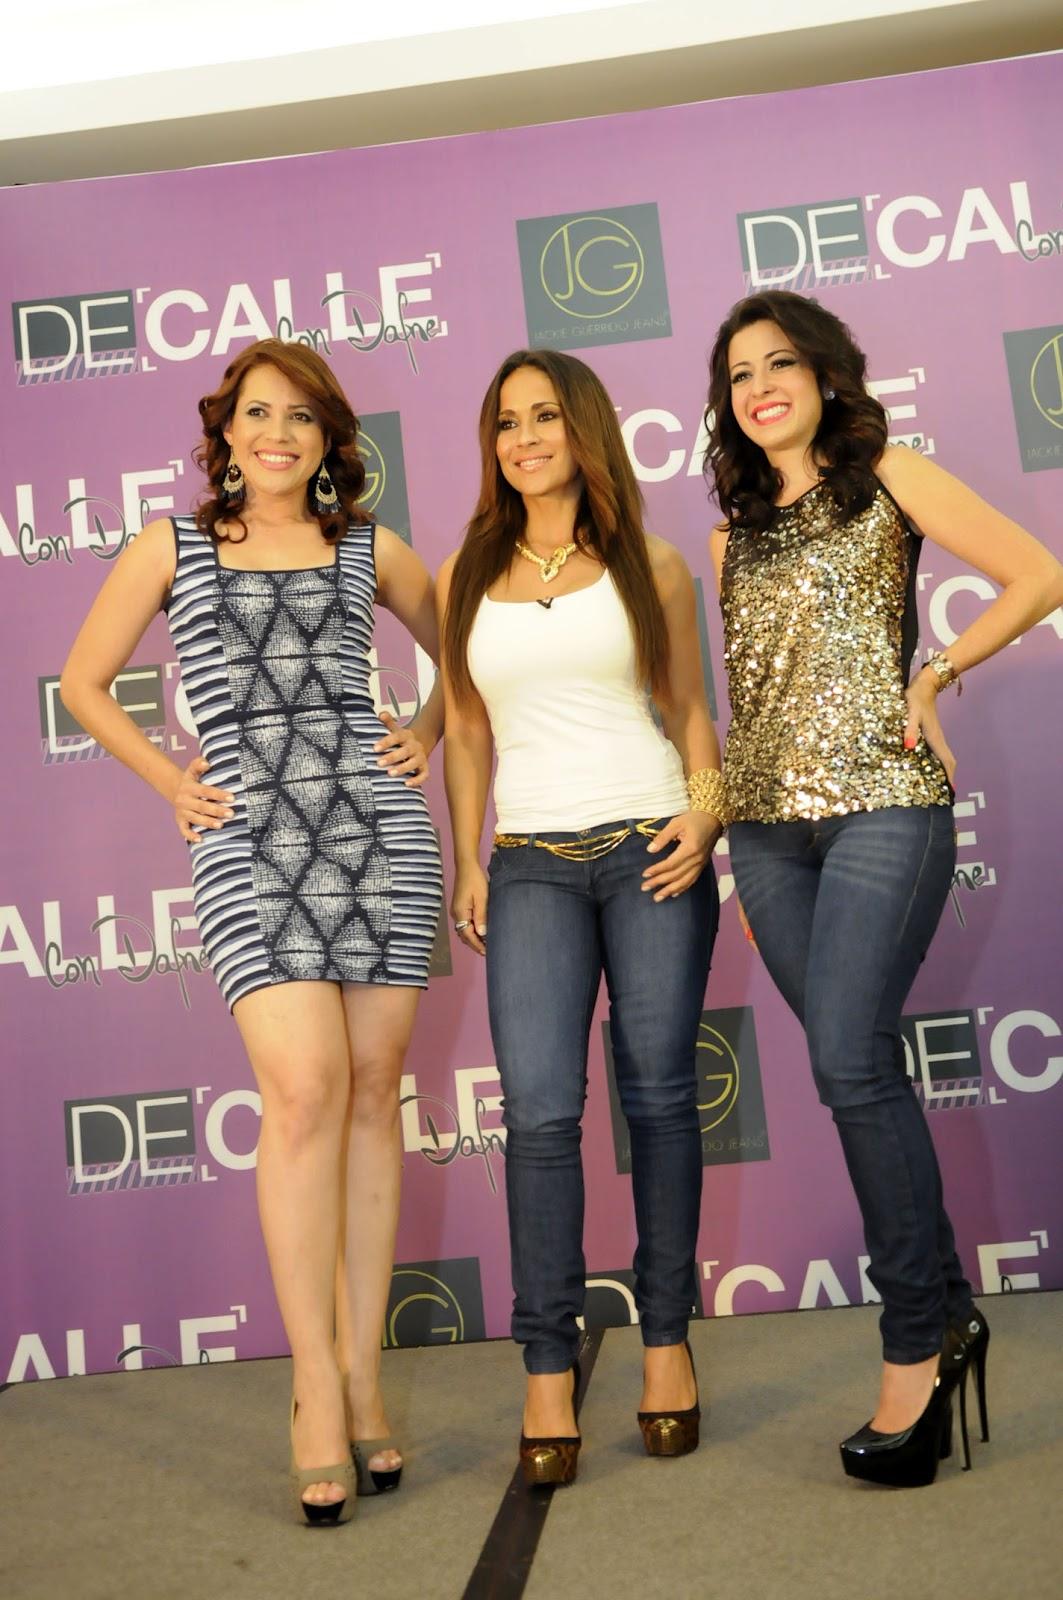 DeCalle Con Dafne celebra sus 16 años en el aire con Jackie Guerrido como invitada especial